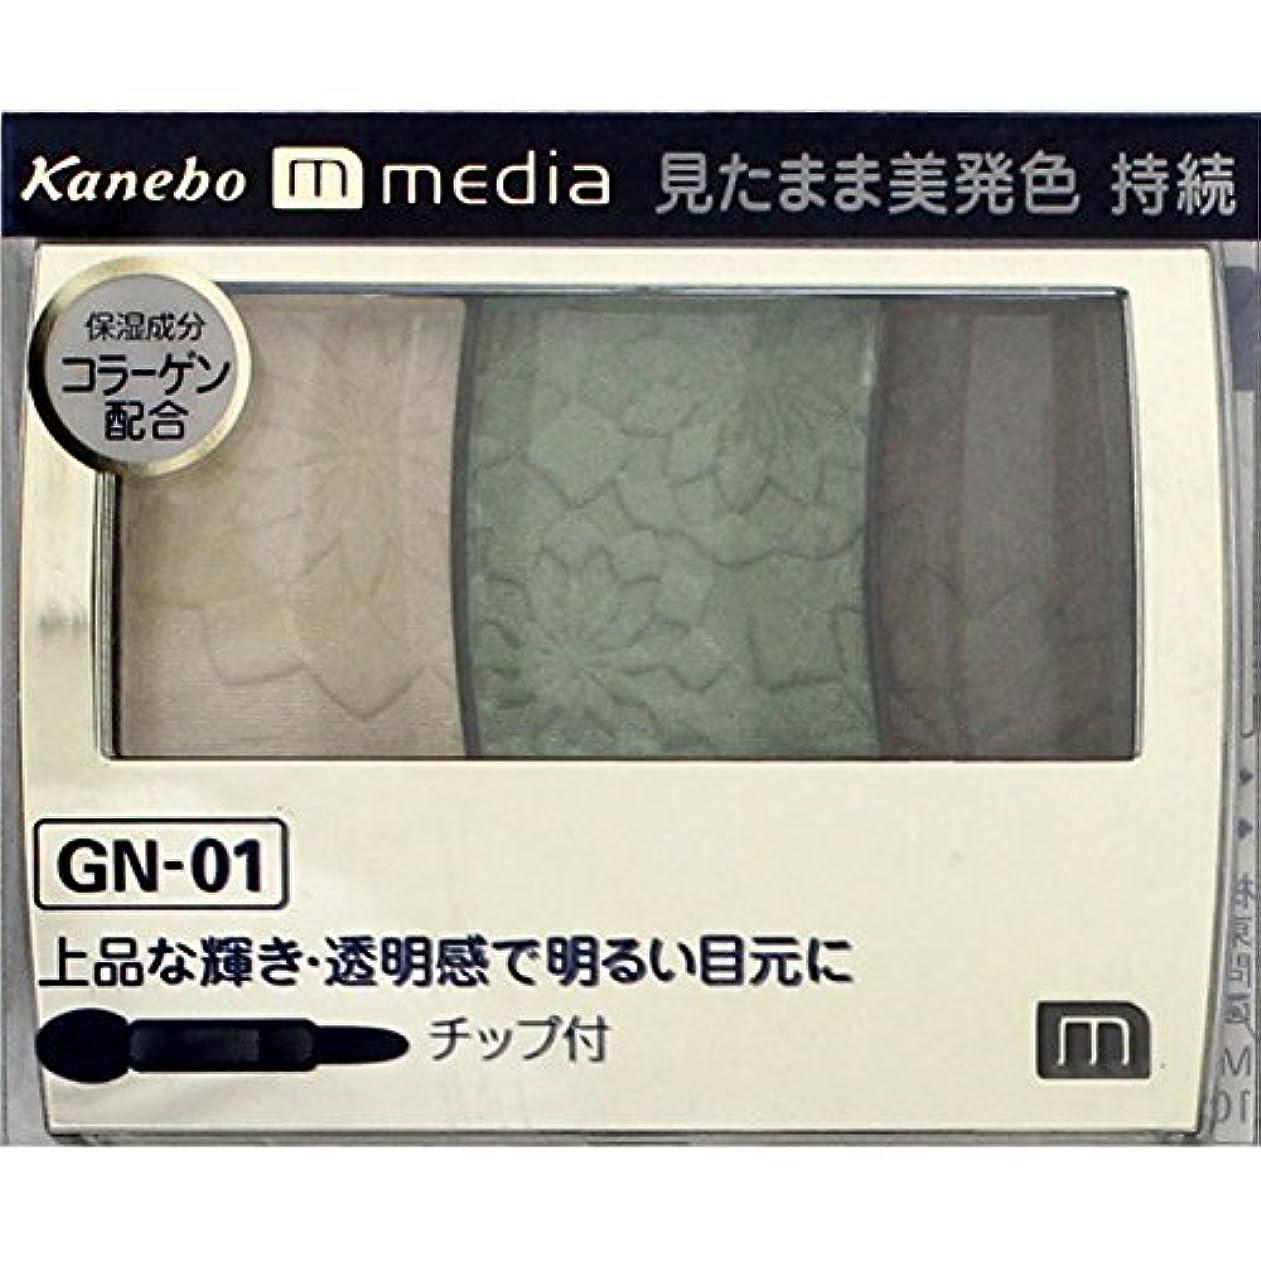 説教バルブ遷移【カネボウ】 メディア グラデカラーアイシャドウ GN-01